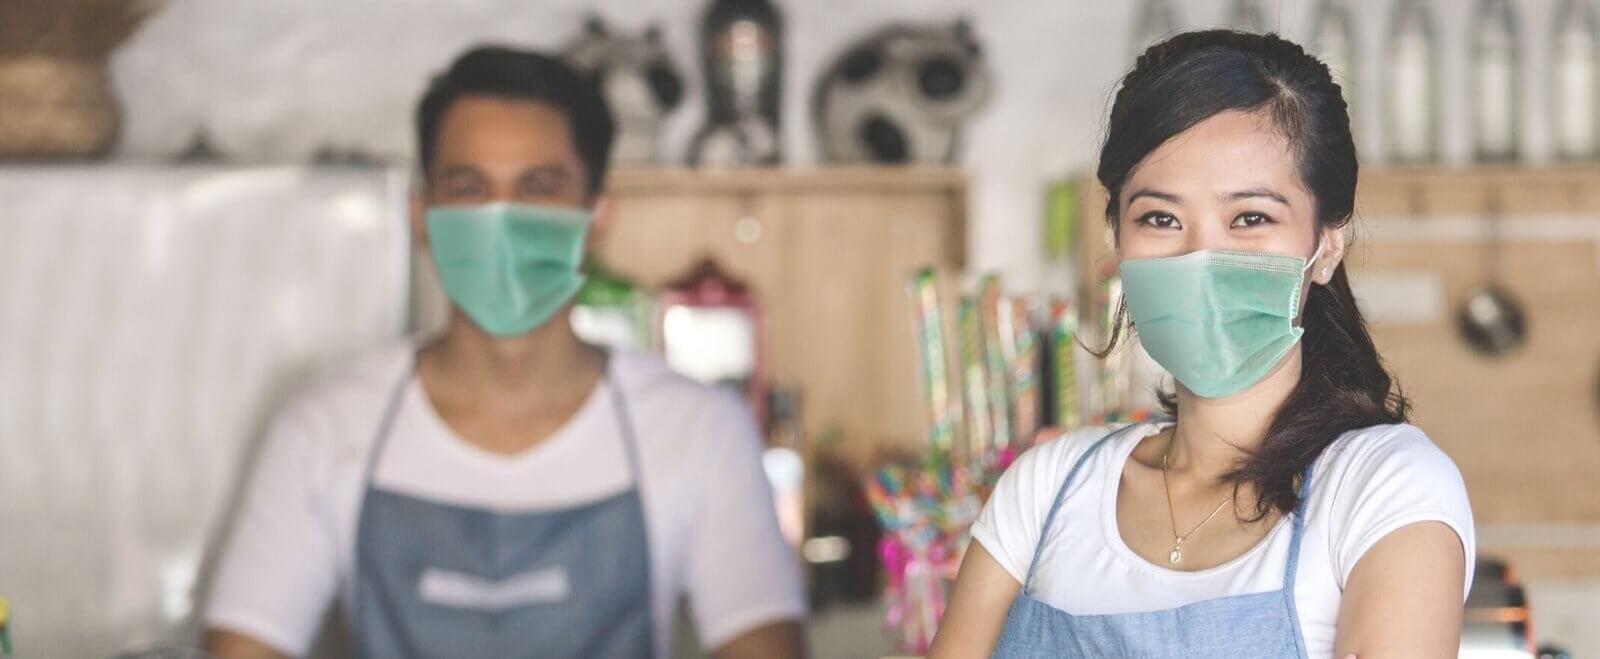 Muster für ein Hygieneschutzkonzept